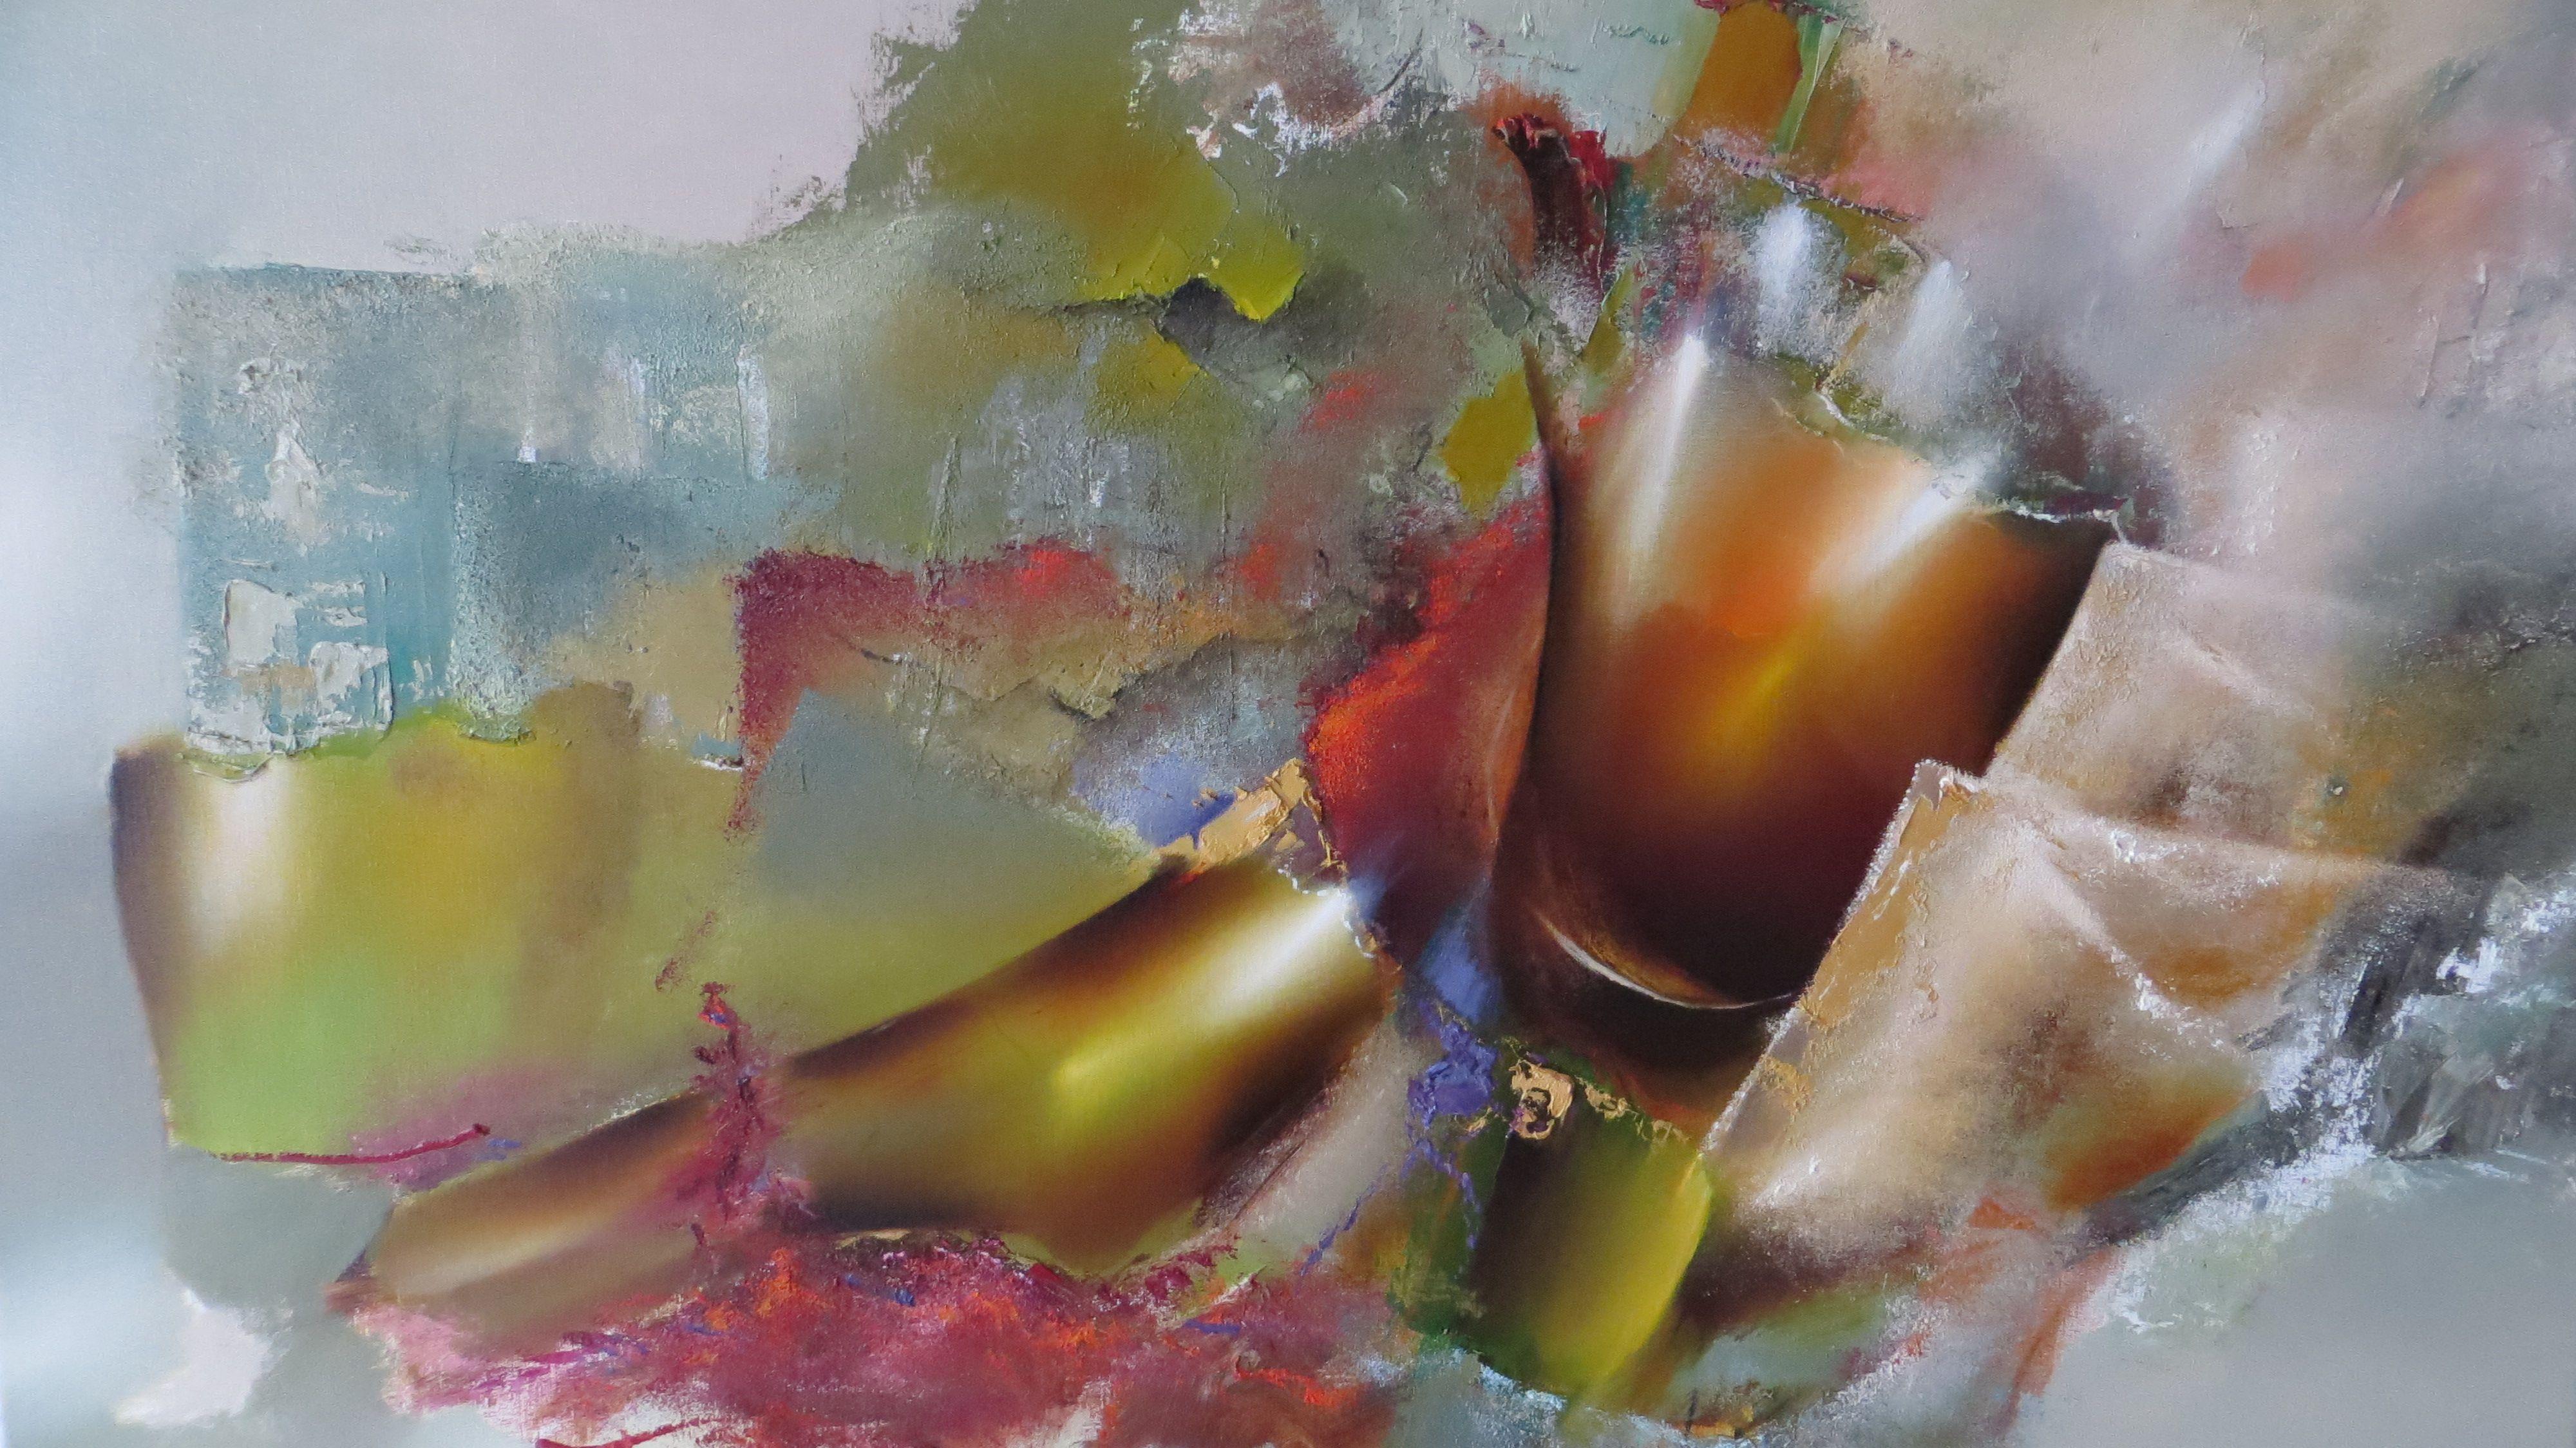 #Abstracte #schilderijen uit het LUXE-segment - uit atelier of 'in #opdracht - 100% tevredenheidsgarantie -   Vallei 120x160cm Olie op linnen 288 euro - 2060$  www.ariekoning.nl